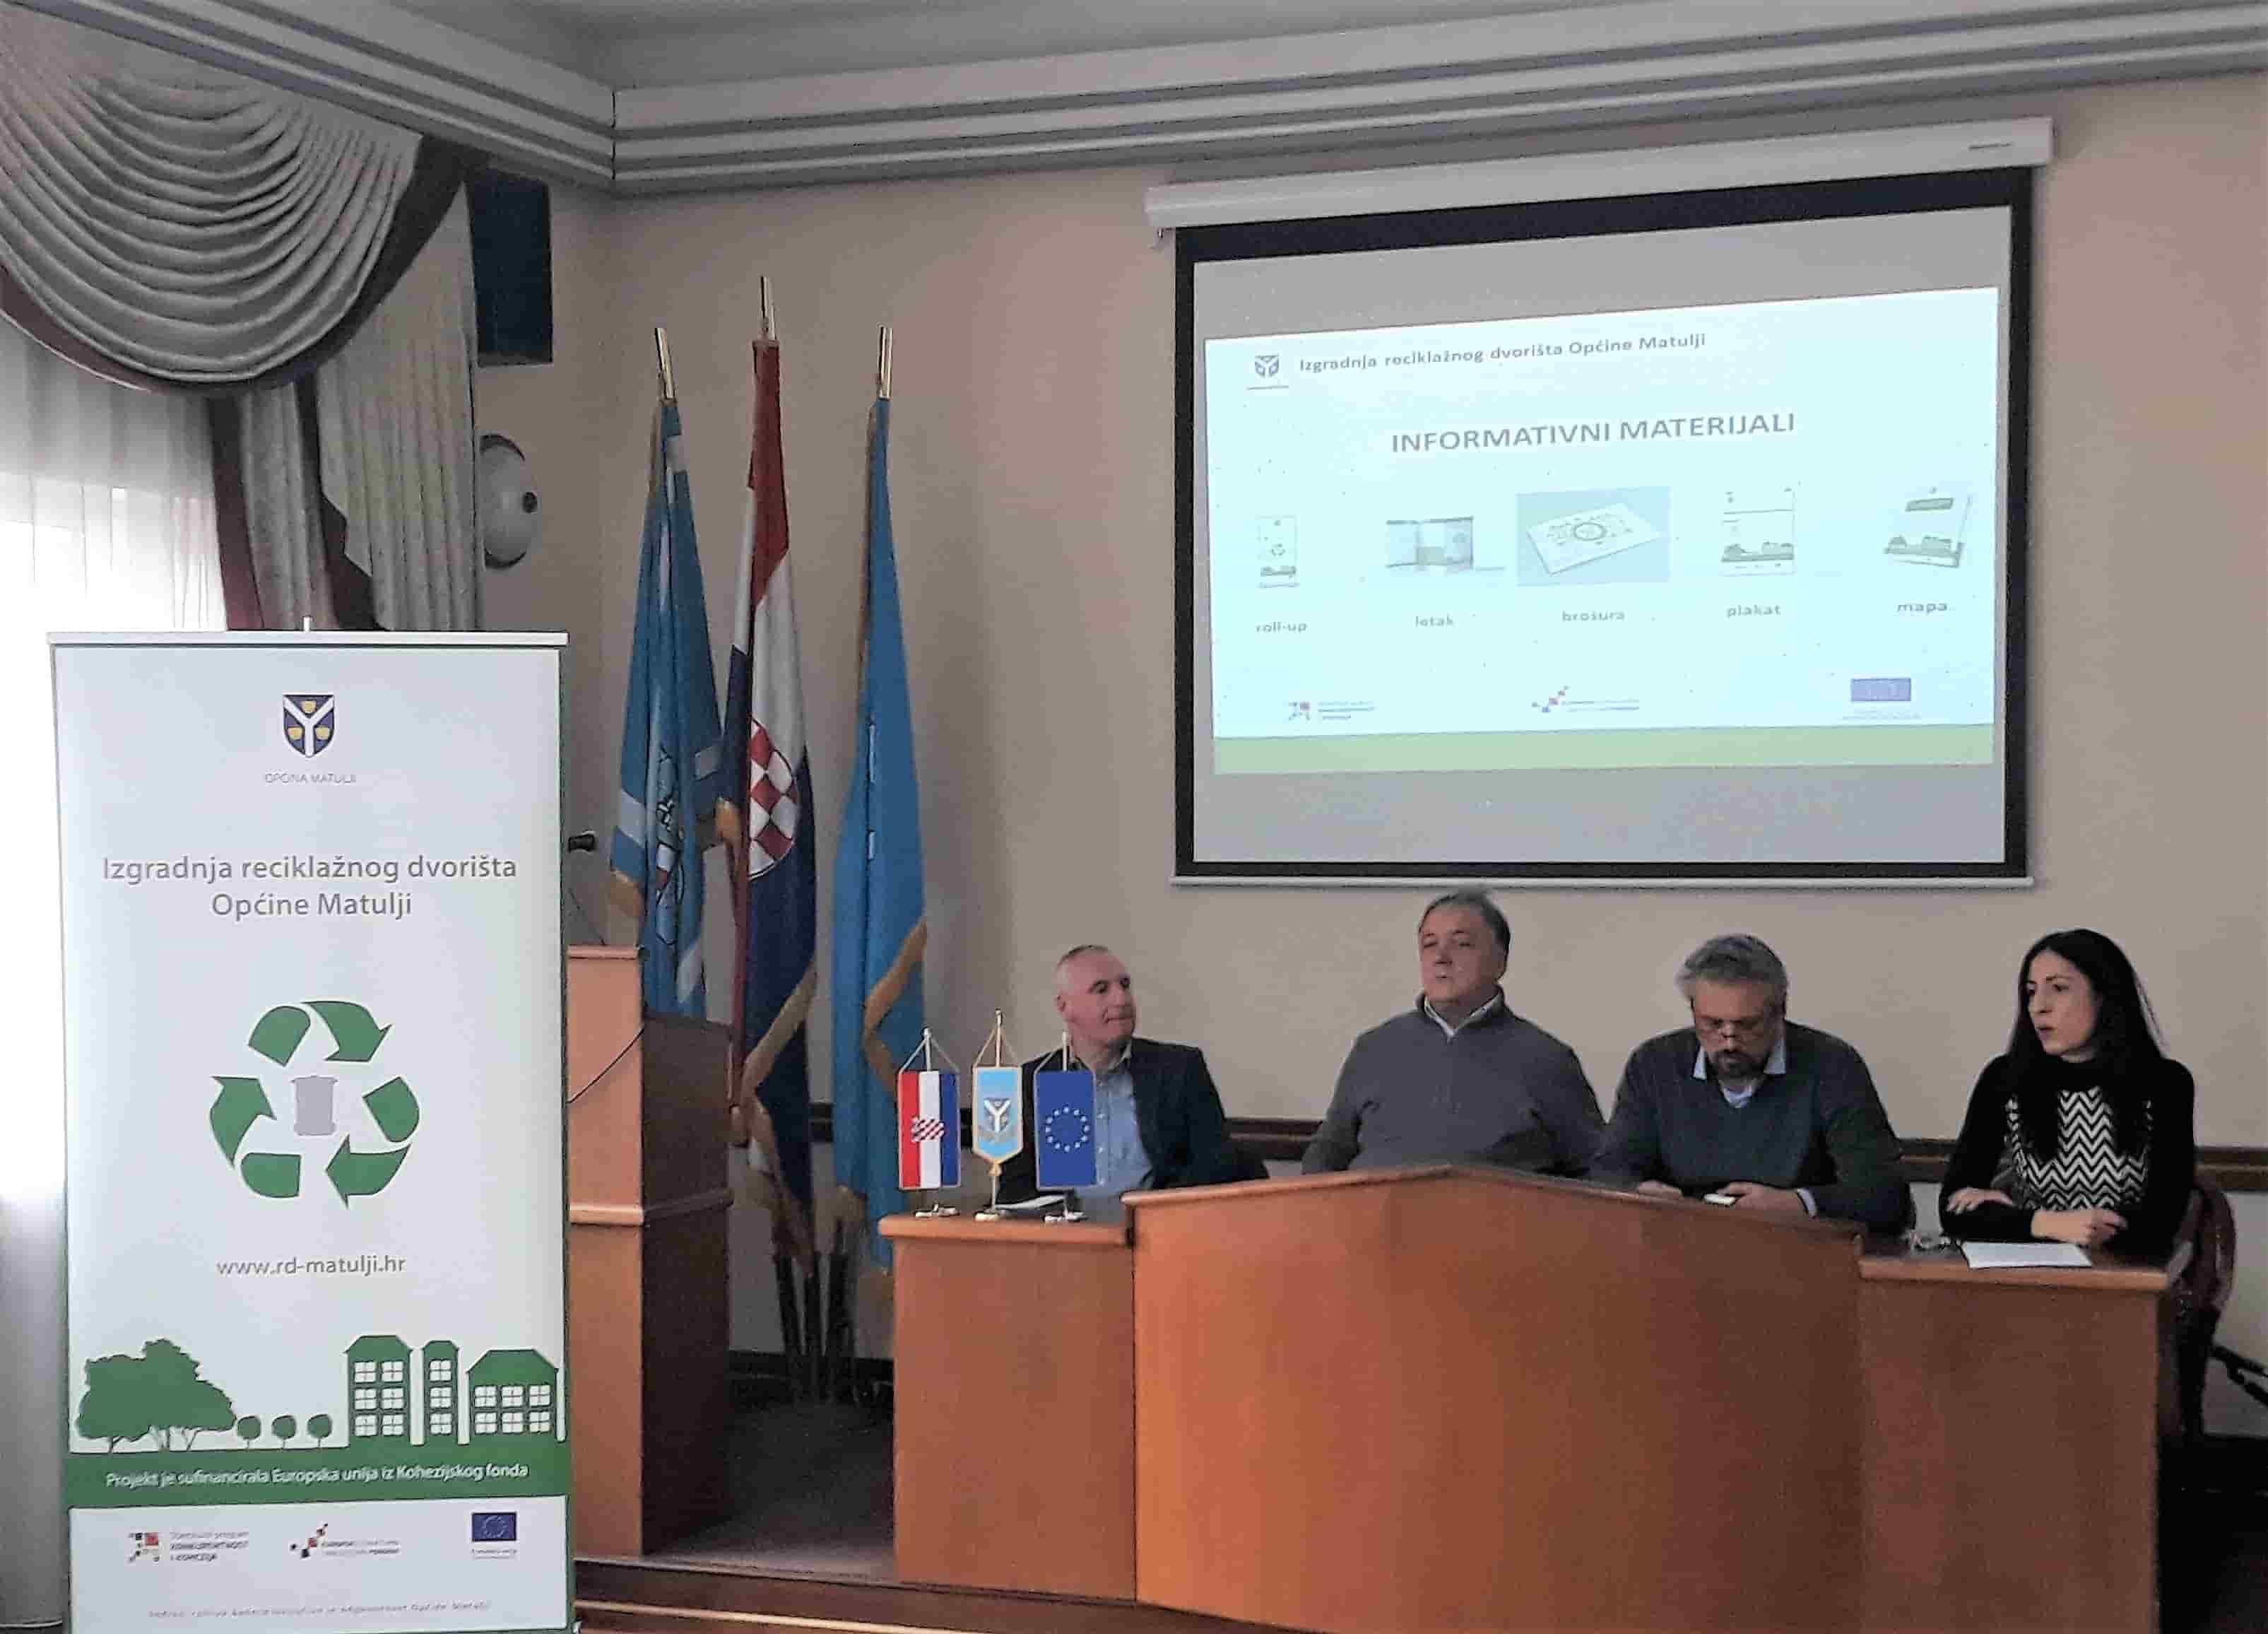 Građani upoznati sa ulogom reciklažnog dvorišta u cjelovitom sustavu gospodarenja otpadom